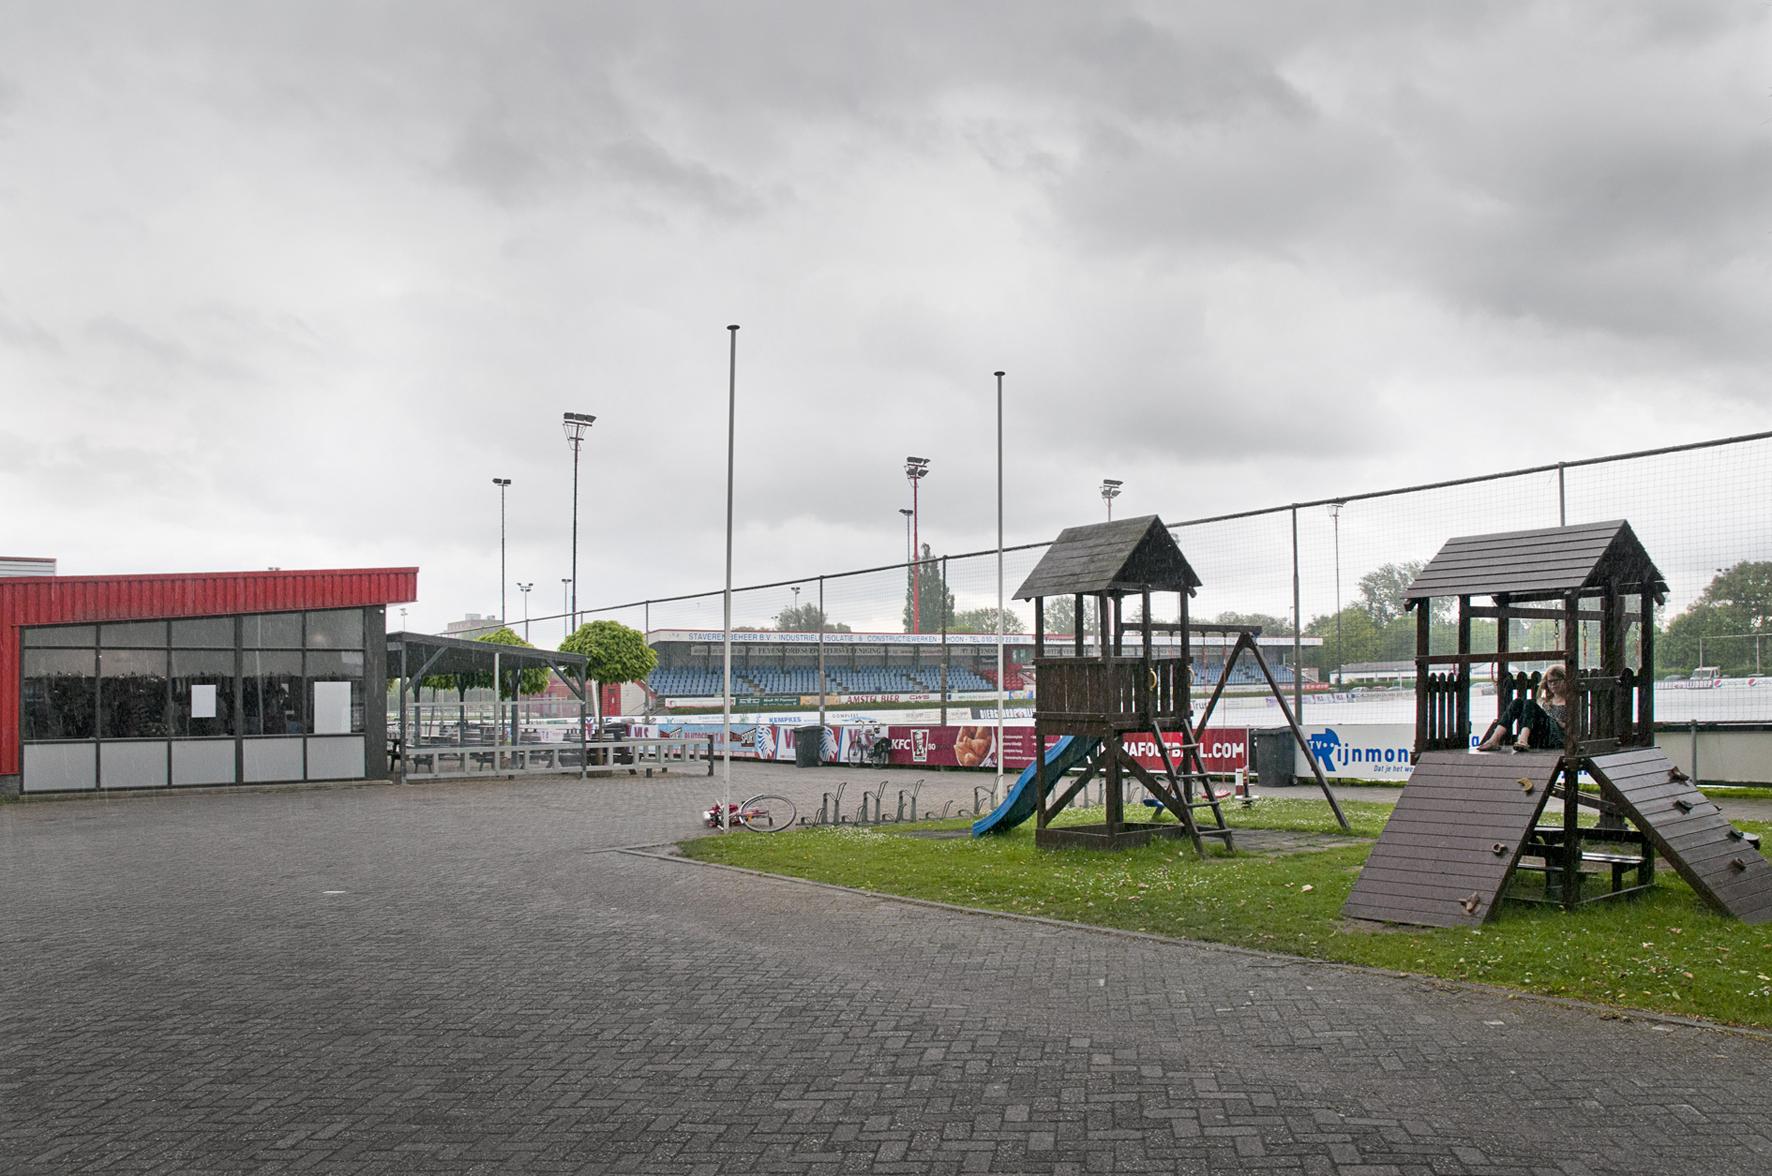 Varkenoord, het trainingscomplex van Feyenoord.